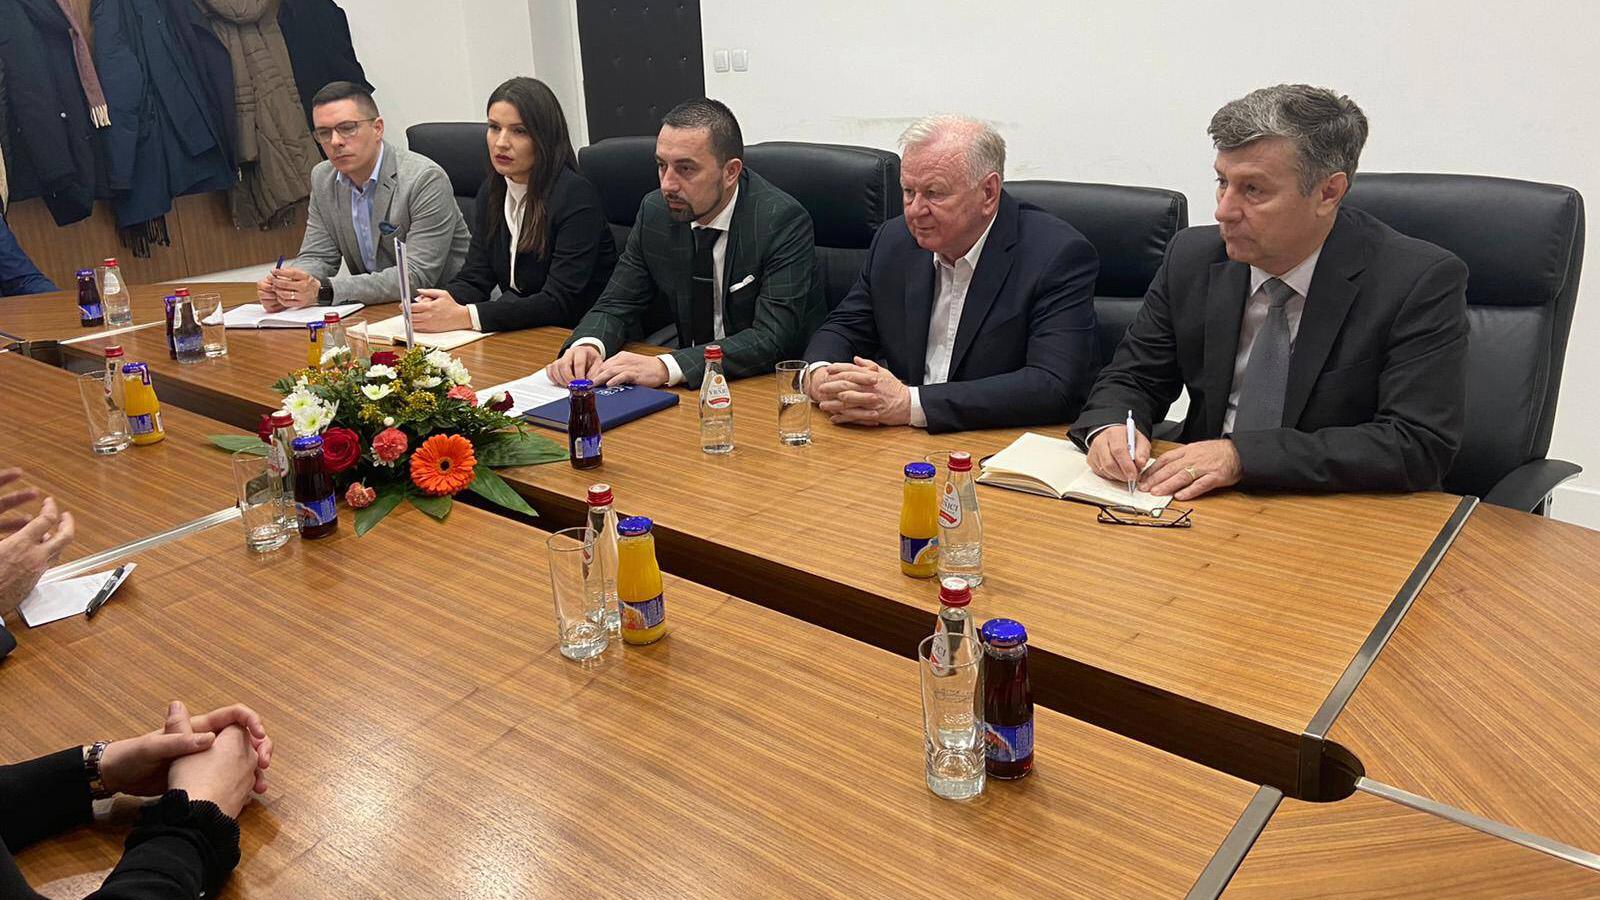 Sastanak sa ambasadorom Turske u BiH.